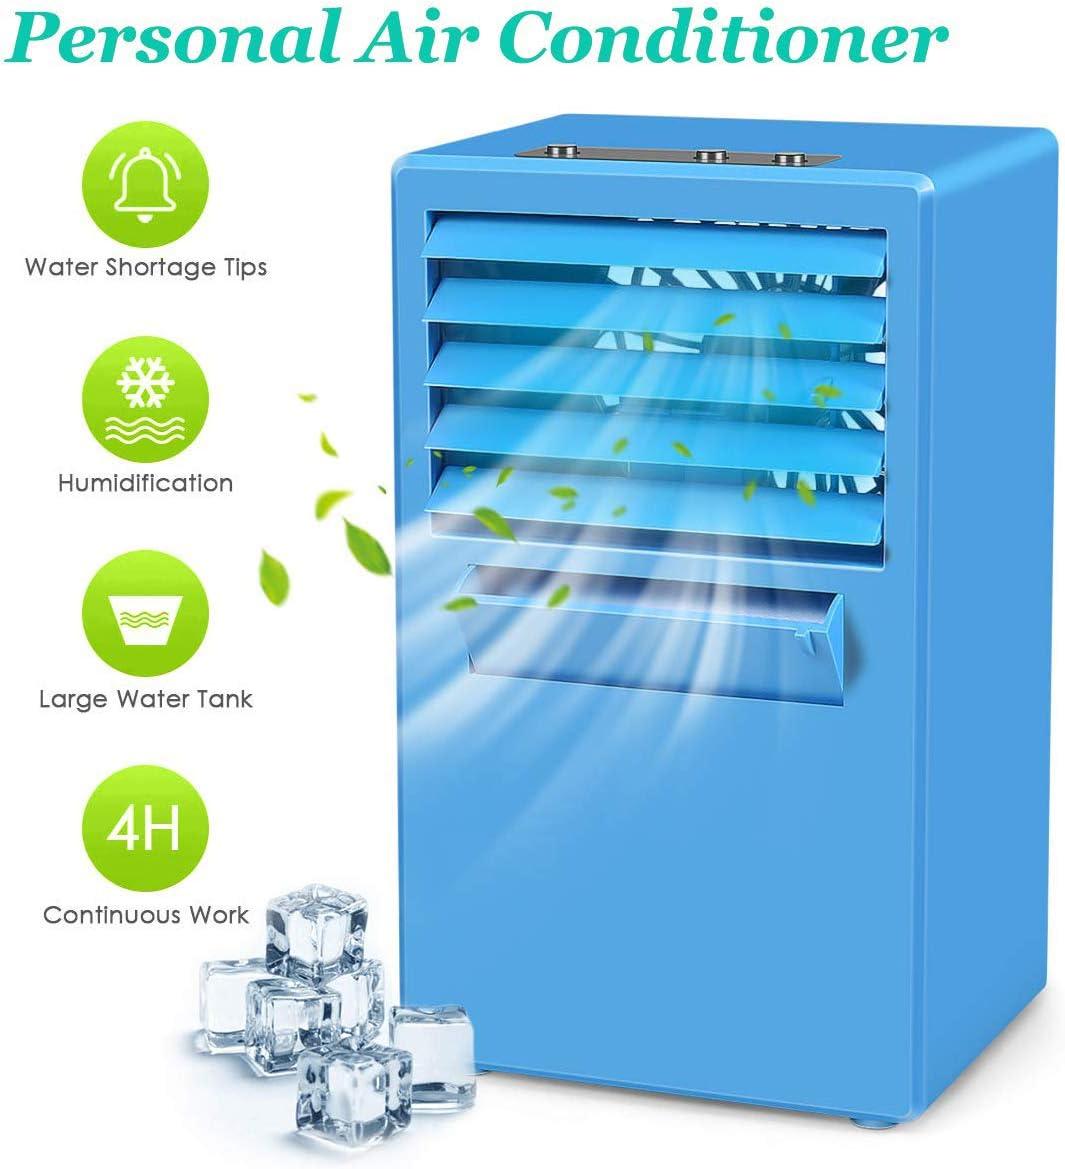 Enfriador de Aire, Acondicionado Portátil Climatizador Mini ...